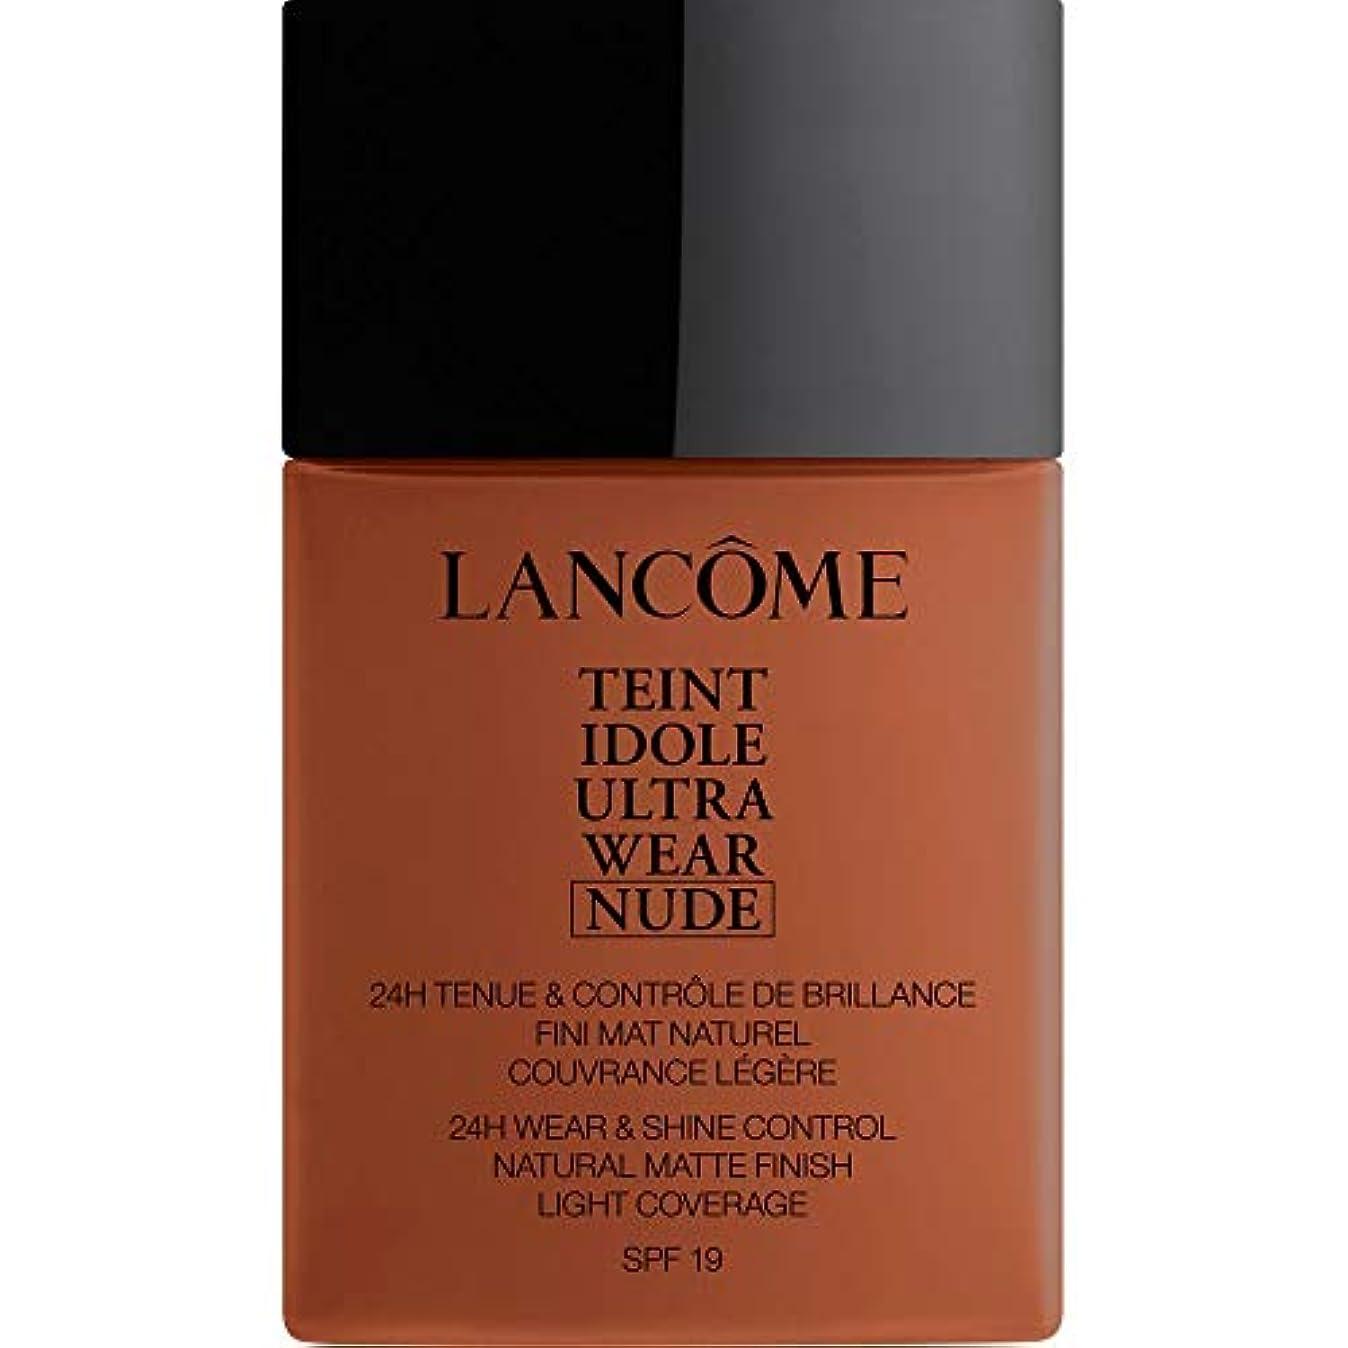 前売明確に破滅的な[Lanc?me ] ランコムTeintのIdole超摩耗ヌード財団Spf19の40ミリリットル13.1 - カカオ - Lancome Teint Idole Ultra Wear Nude Foundation SPF19...